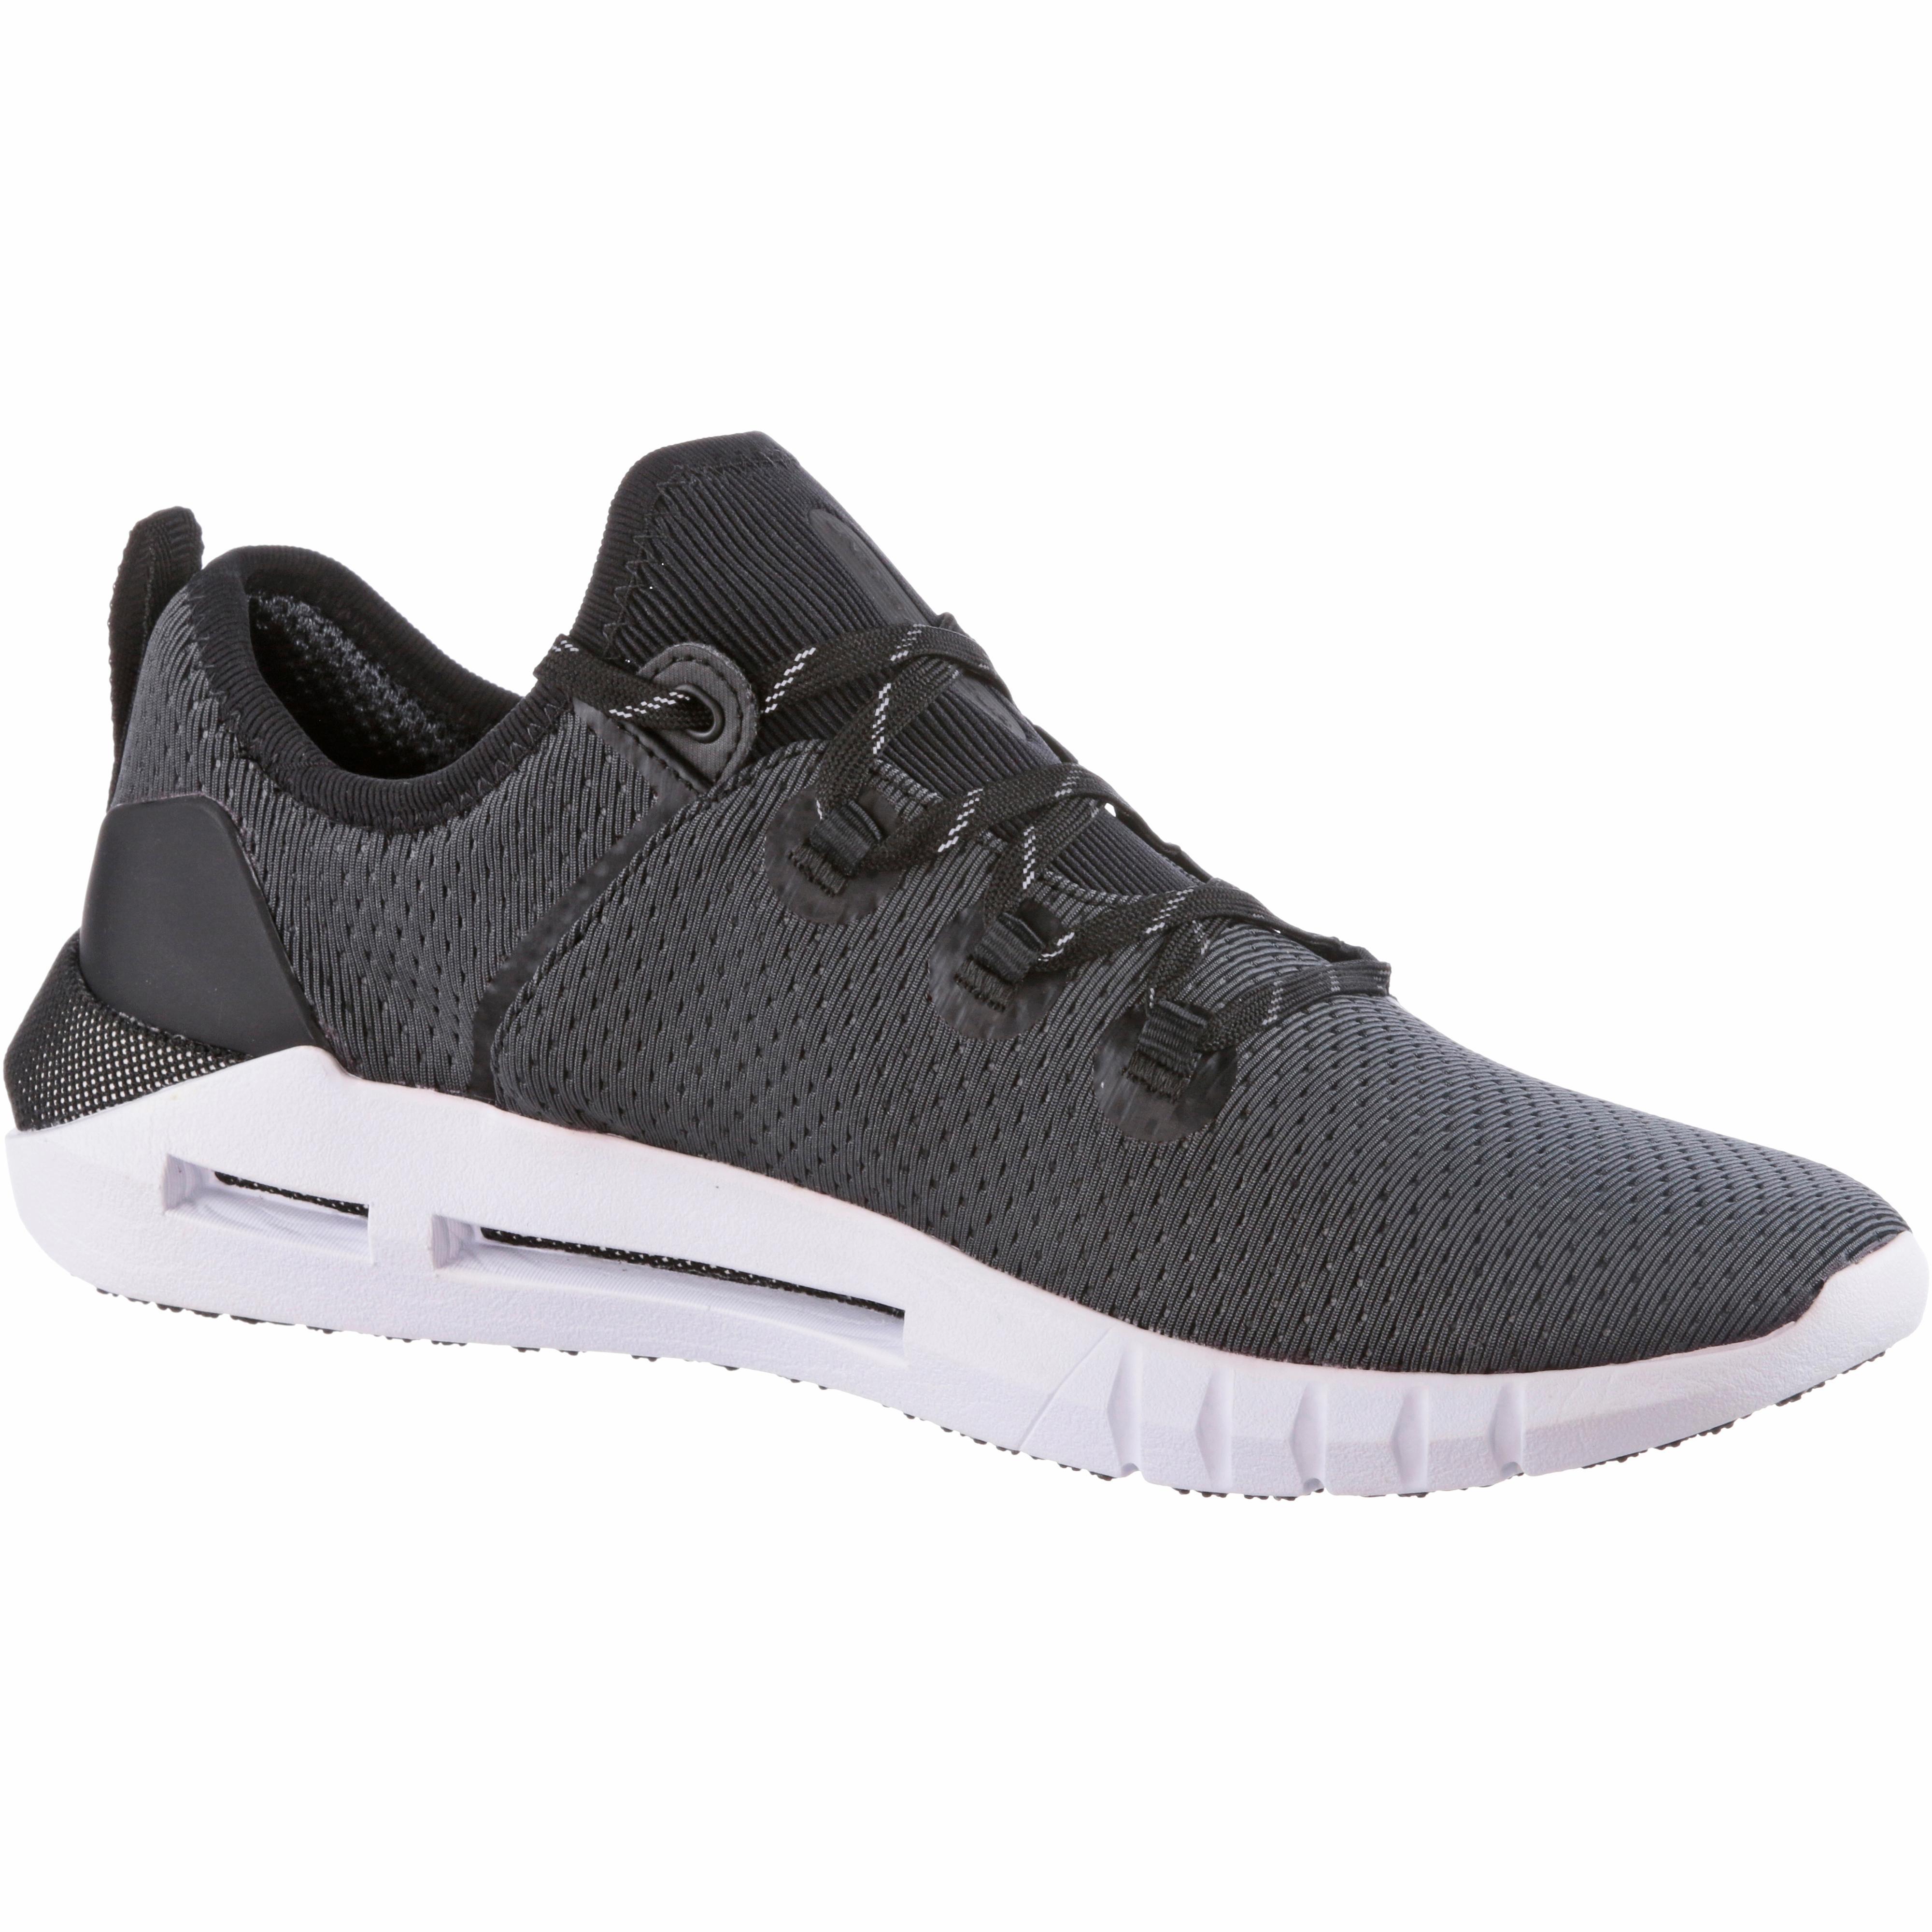 Under Armour HOVR SLK Fitnessschuhe Herren schwarz-Weiß-schwarz schwarz-Weiß-schwarz schwarz-Weiß-schwarz im Online Shop von SportScheck kaufen Gute Qualität beliebte Schuhe 486db4